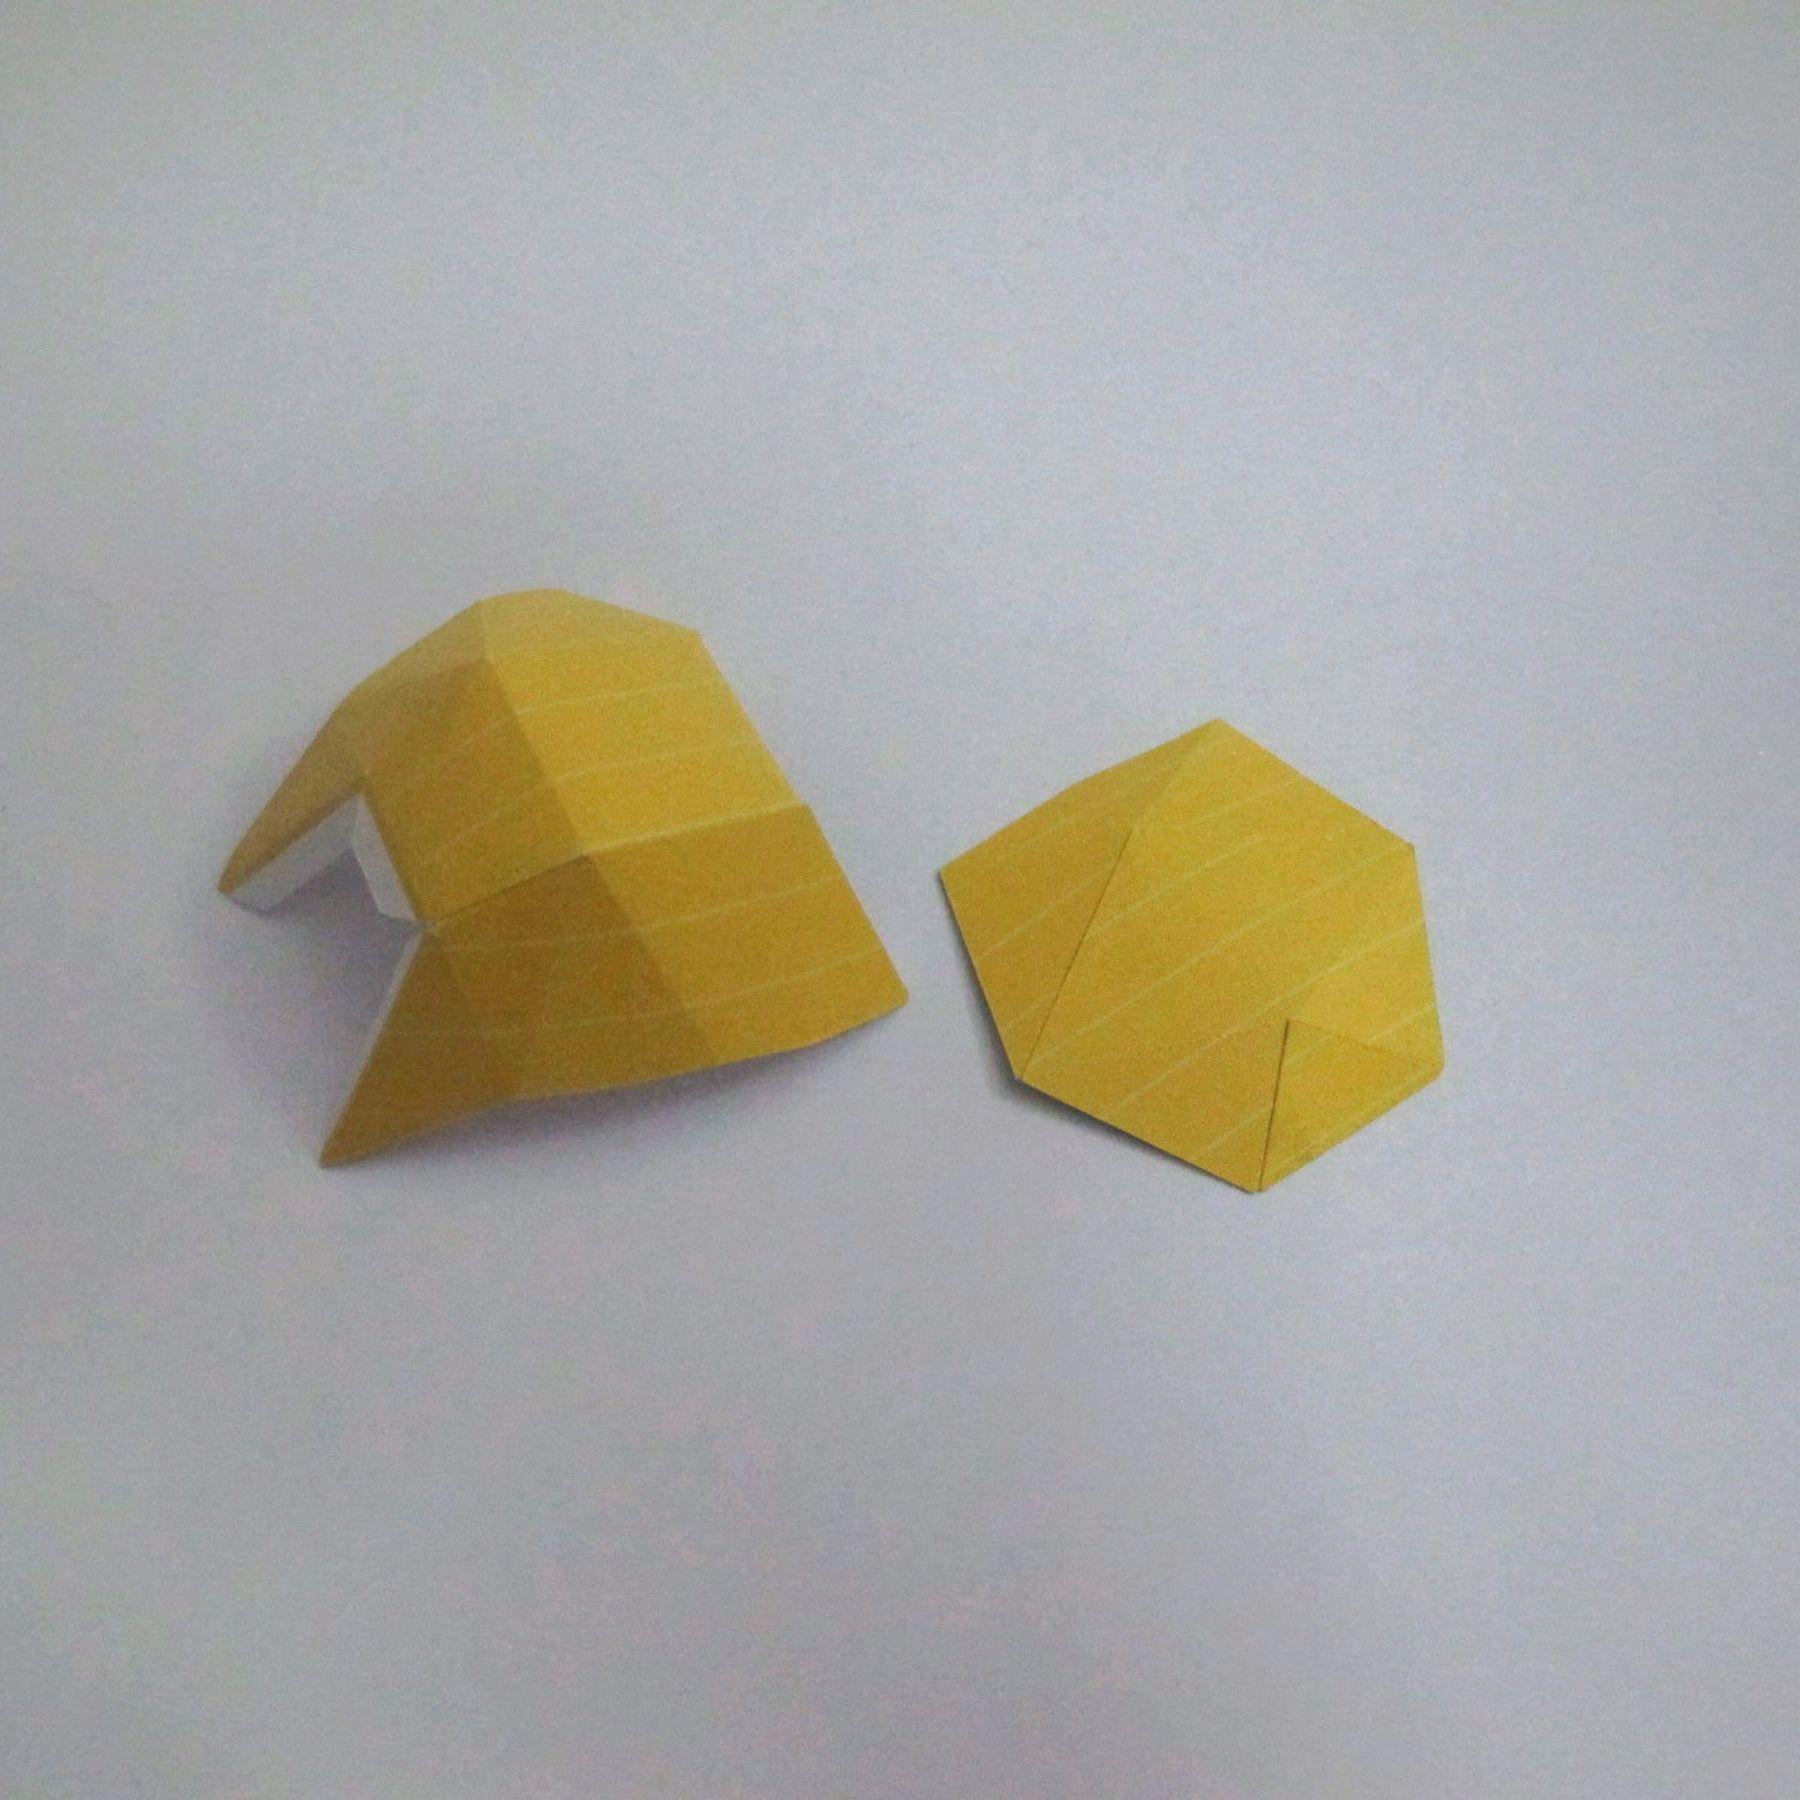 วิธีทำของเล่นโมเดลกระดาษ วูฟเวอรีน (Chibi Wolverine Papercraft Model) 009